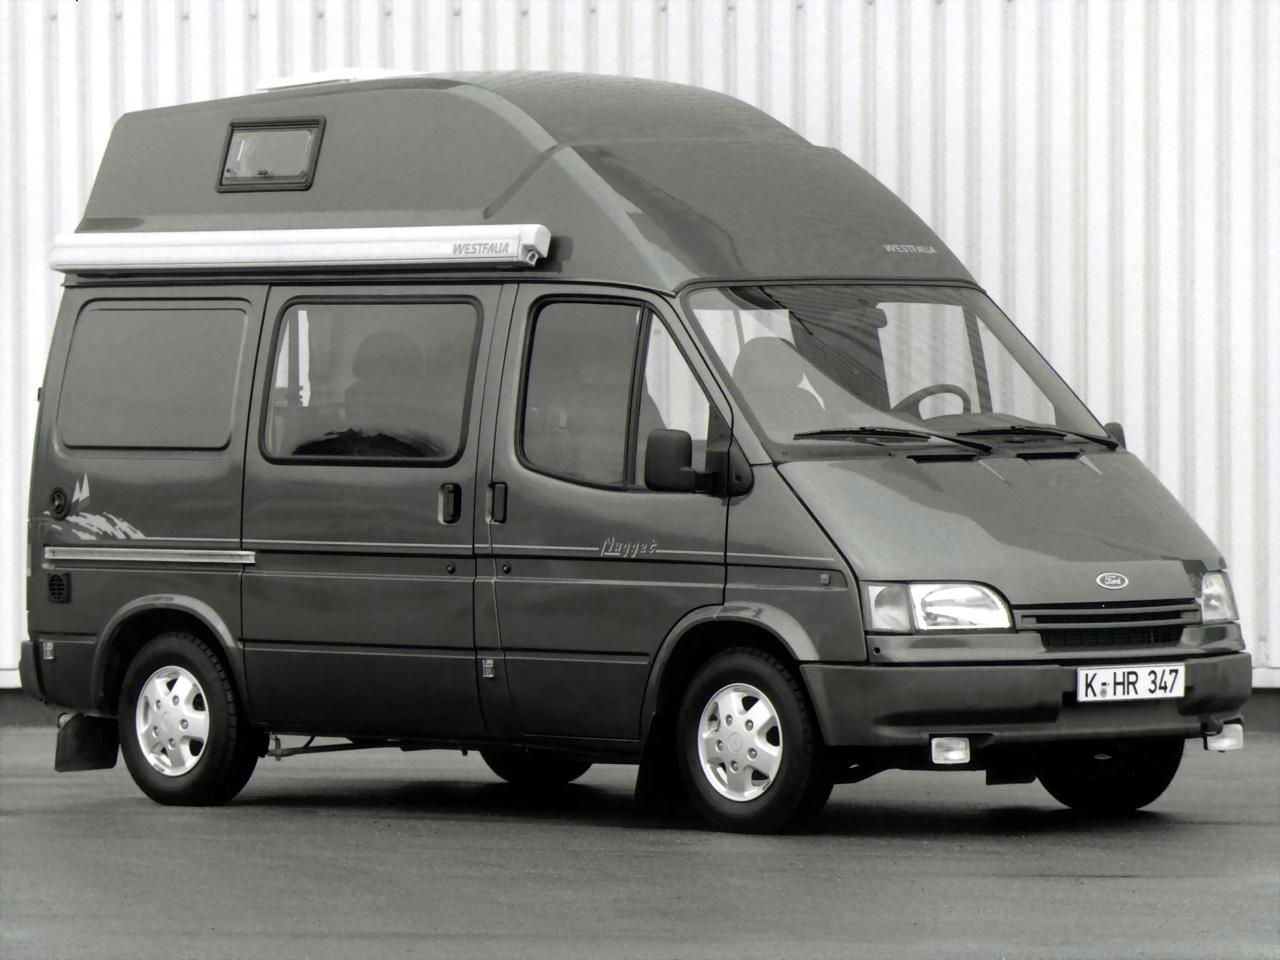 westfalia campervans campervan buatan westfalia jakarta vw campervan. Black Bedroom Furniture Sets. Home Design Ideas